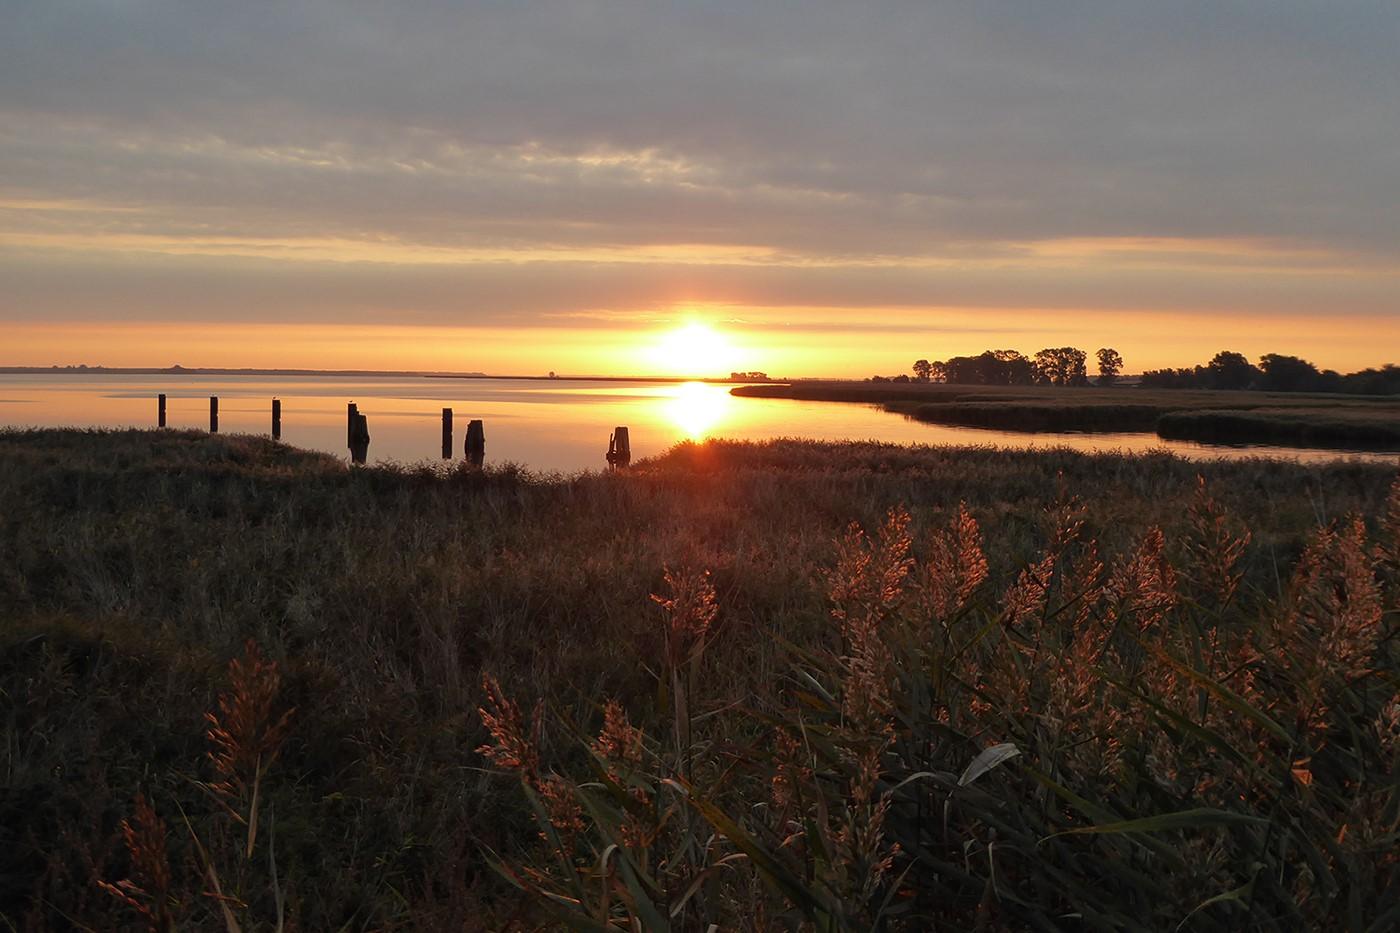 Nationalpark Vorpommersche Boddenlandschaft - Sonnenuntergangsstimmung